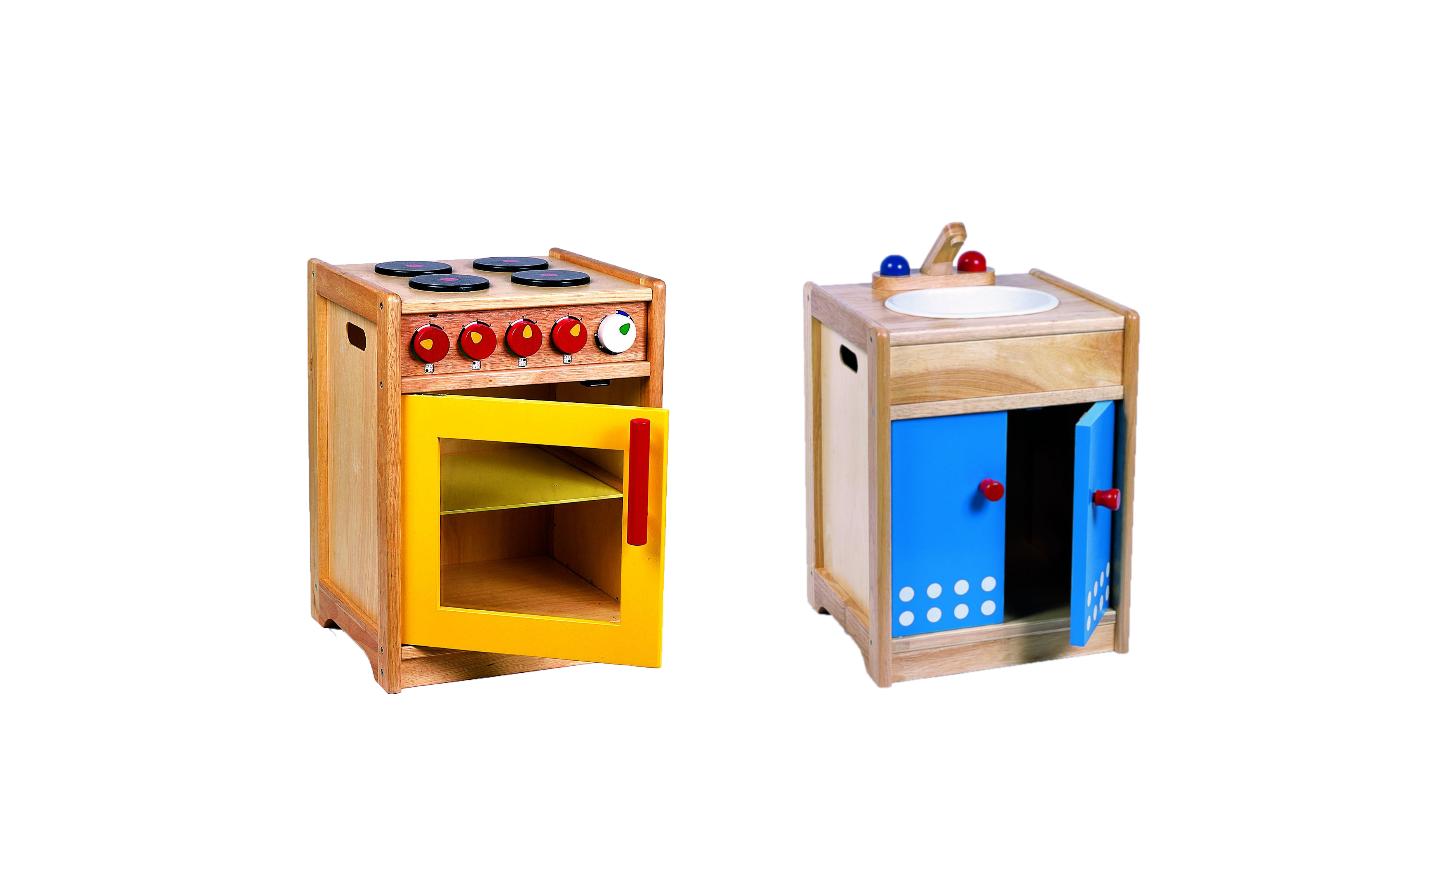 Spüle aus Holz + Herd aus Holz Kinderküchenzubehör